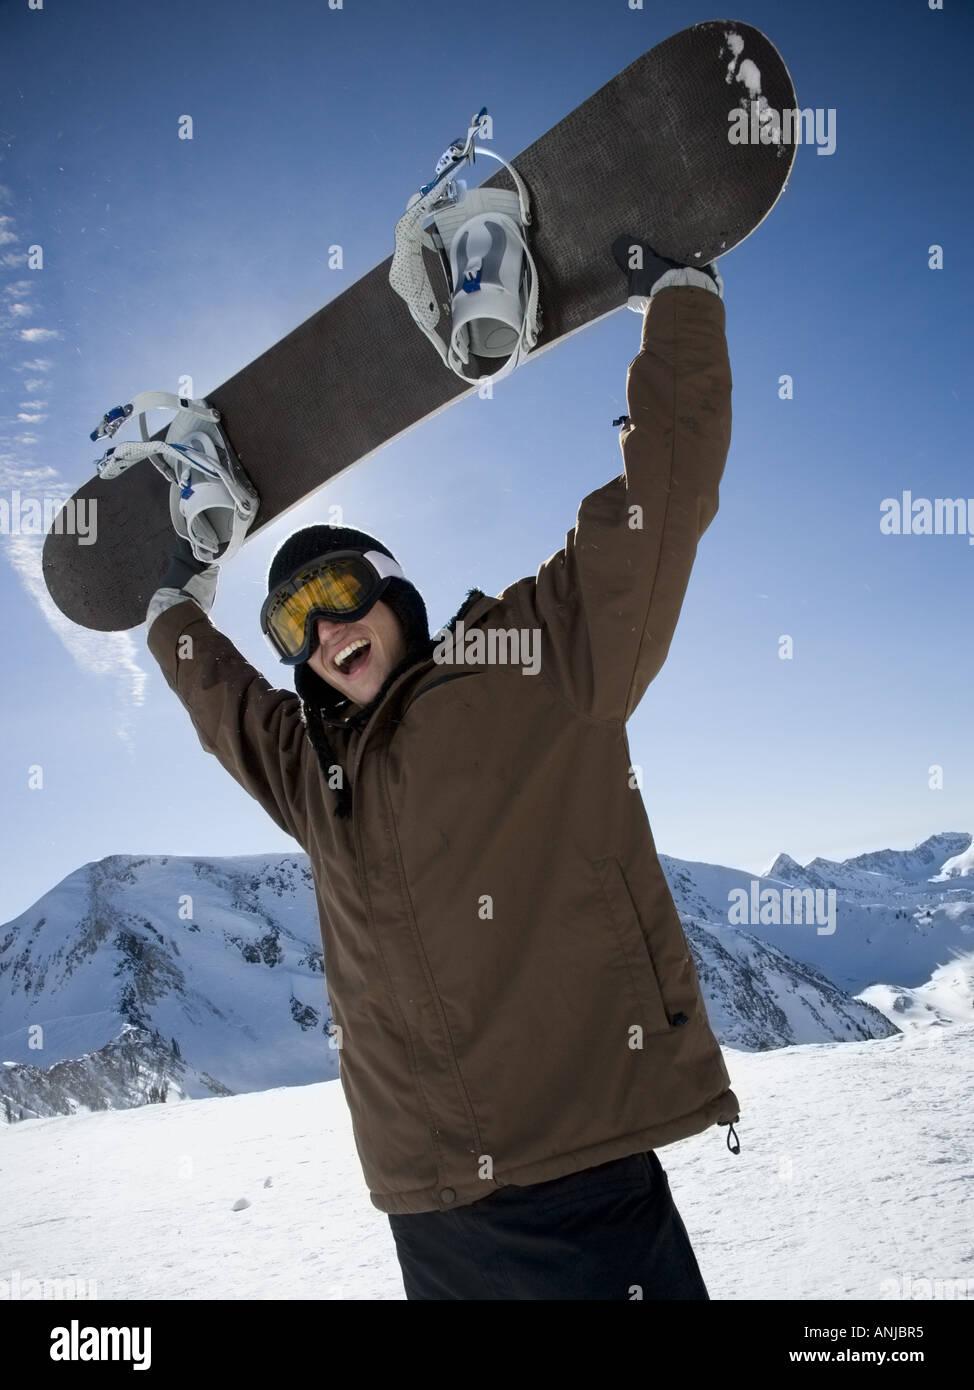 Ángulo de visión baja de un joven levantar un snowboard y gritar Imagen De Stock